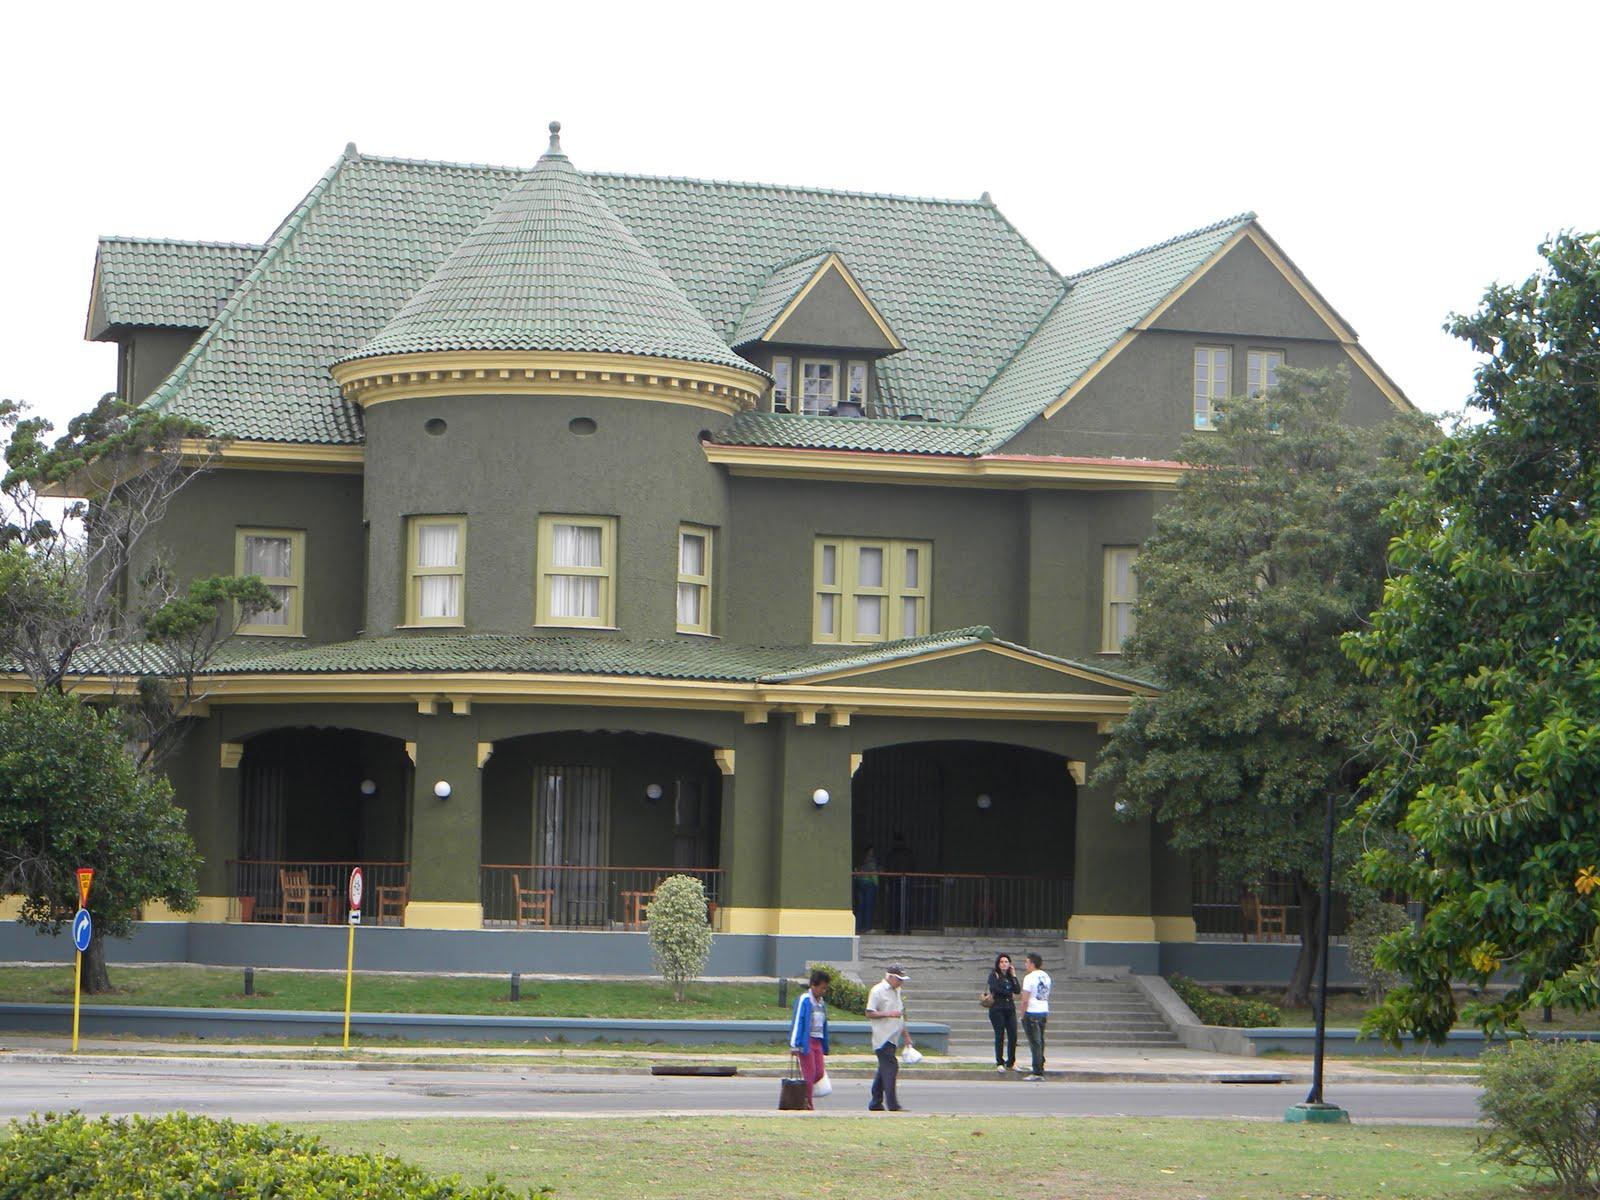 La casa verde - Casas color verde ...